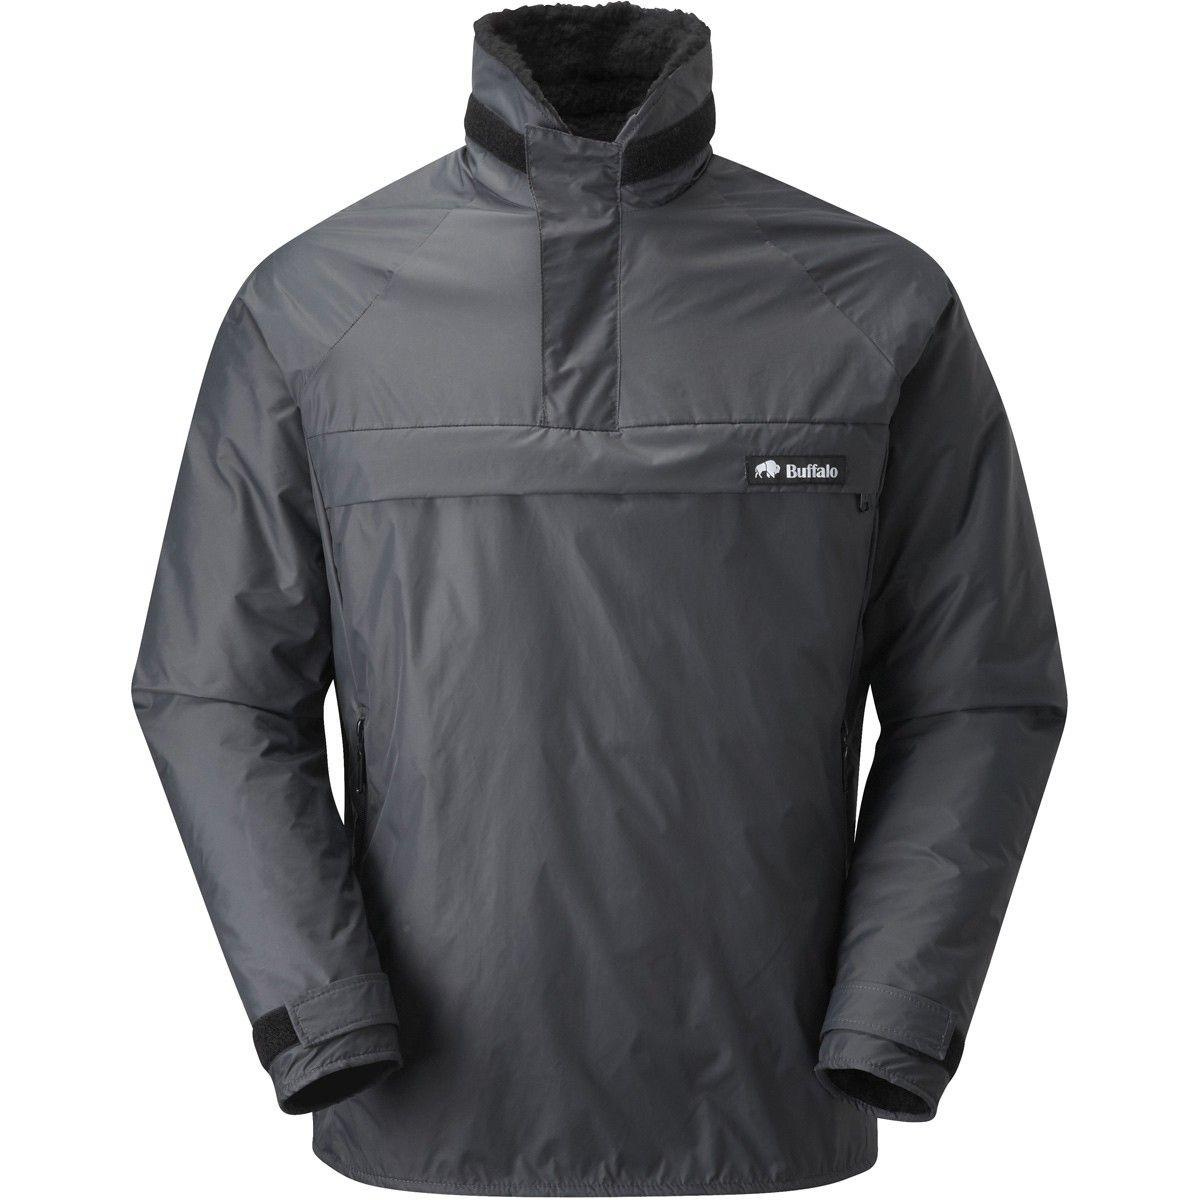 Buffalo Mens Mountain Shirt